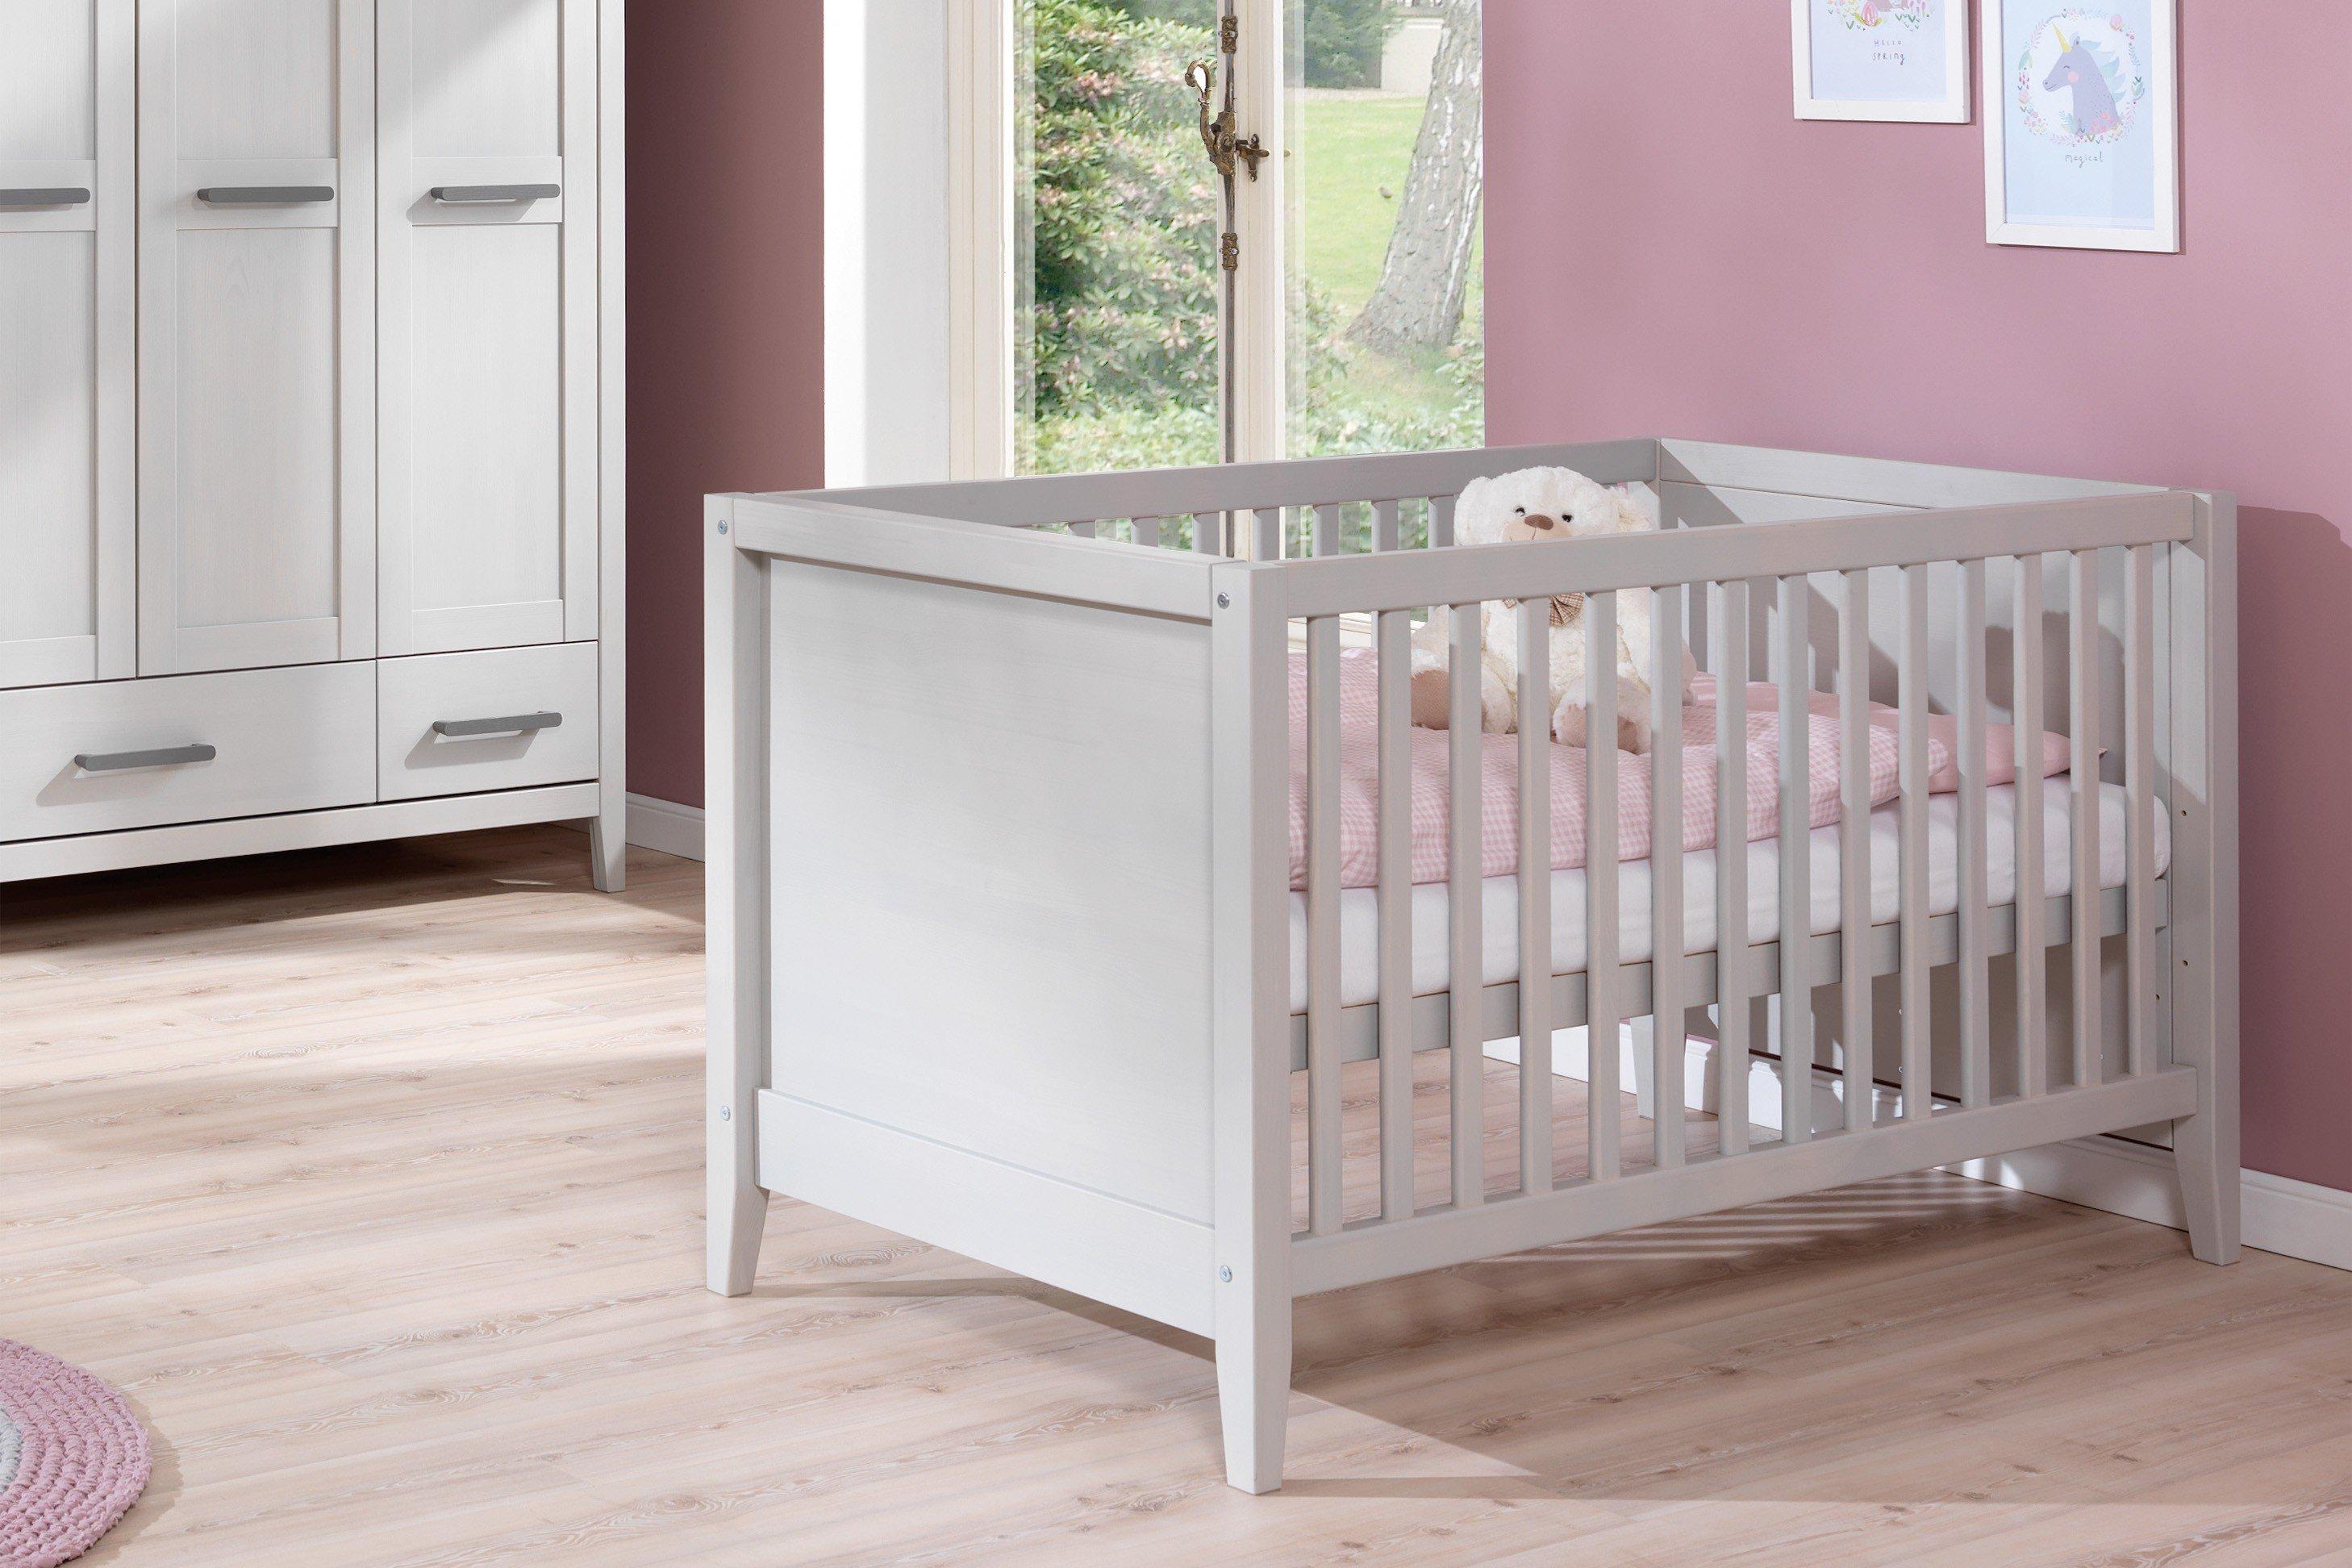 kinderbett online kaufen auf rechnung perfect babybett gunstig vorher ikea gunstige babybetten. Black Bedroom Furniture Sets. Home Design Ideas